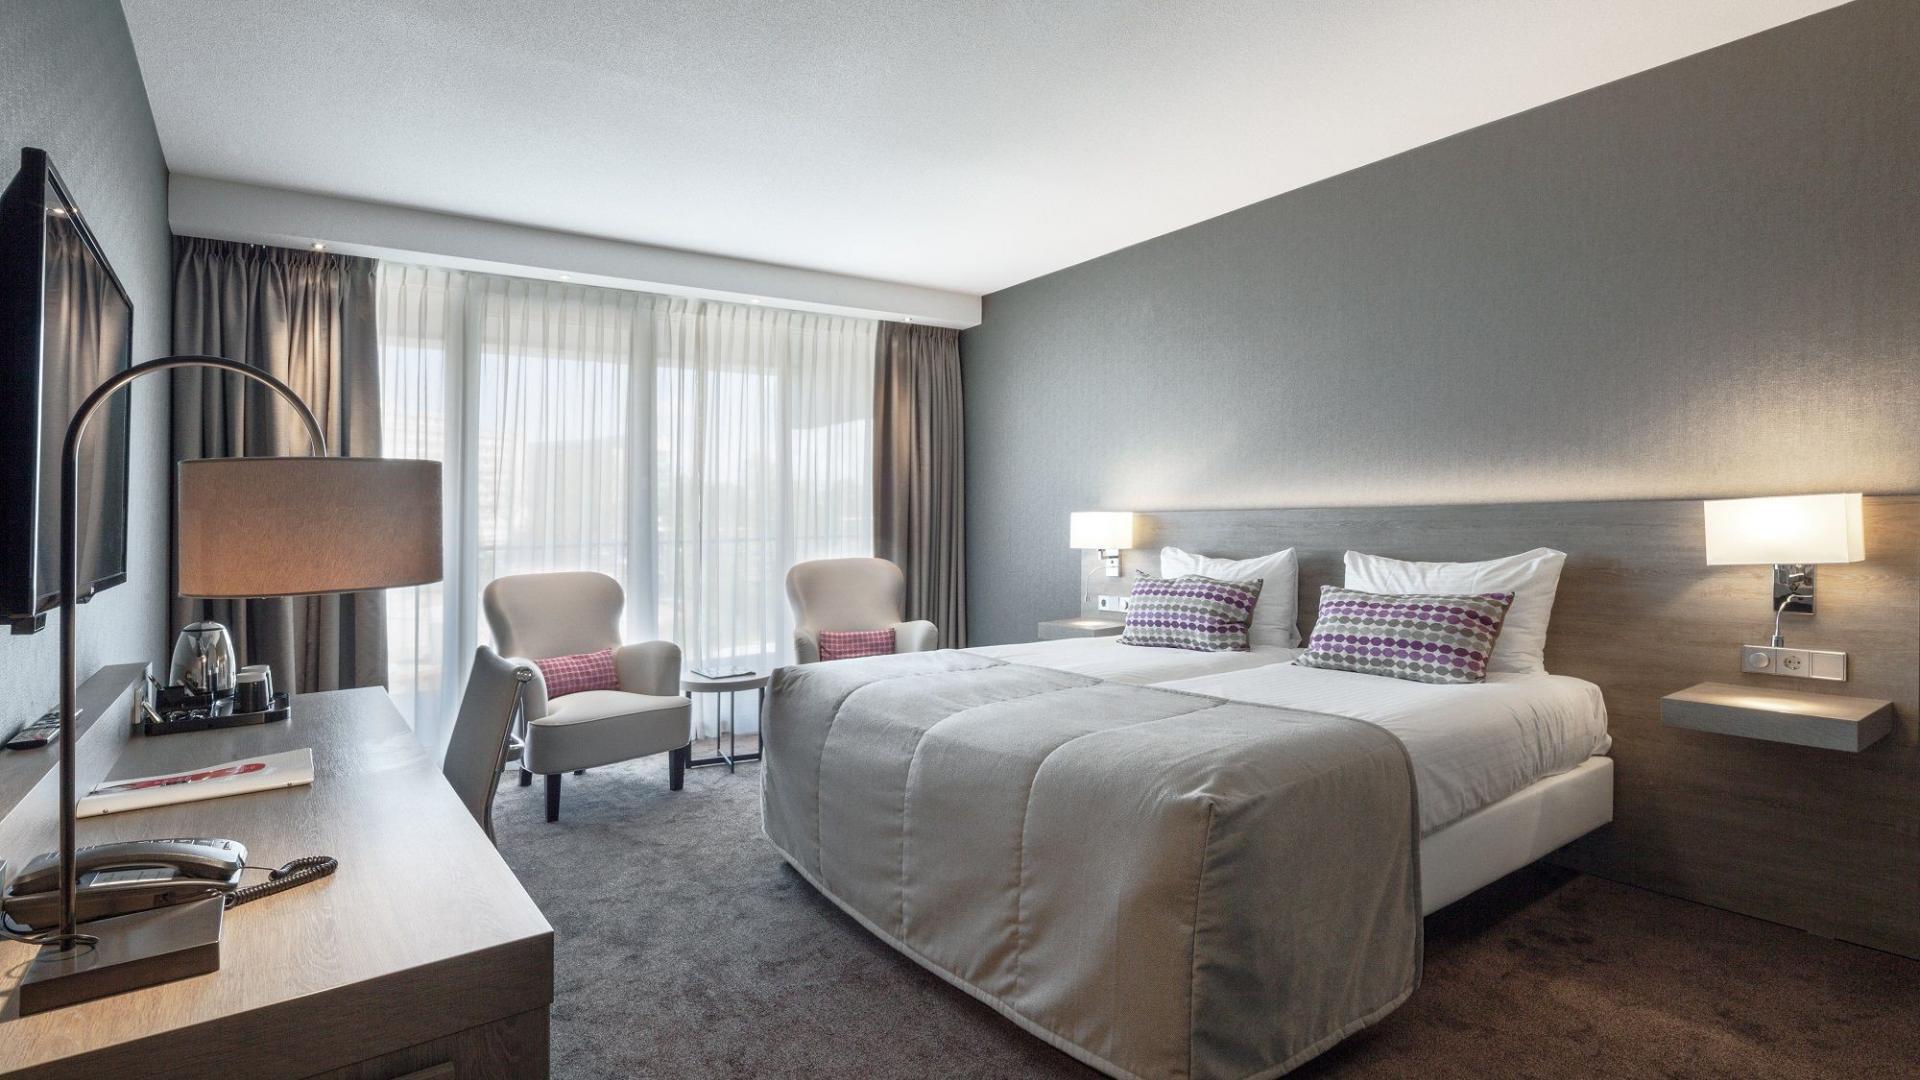 2 of 3 dagen top beoordeeld Van der Valk Hotel <b>Haarlem</b> incl. 3-gangendiner en upgrade